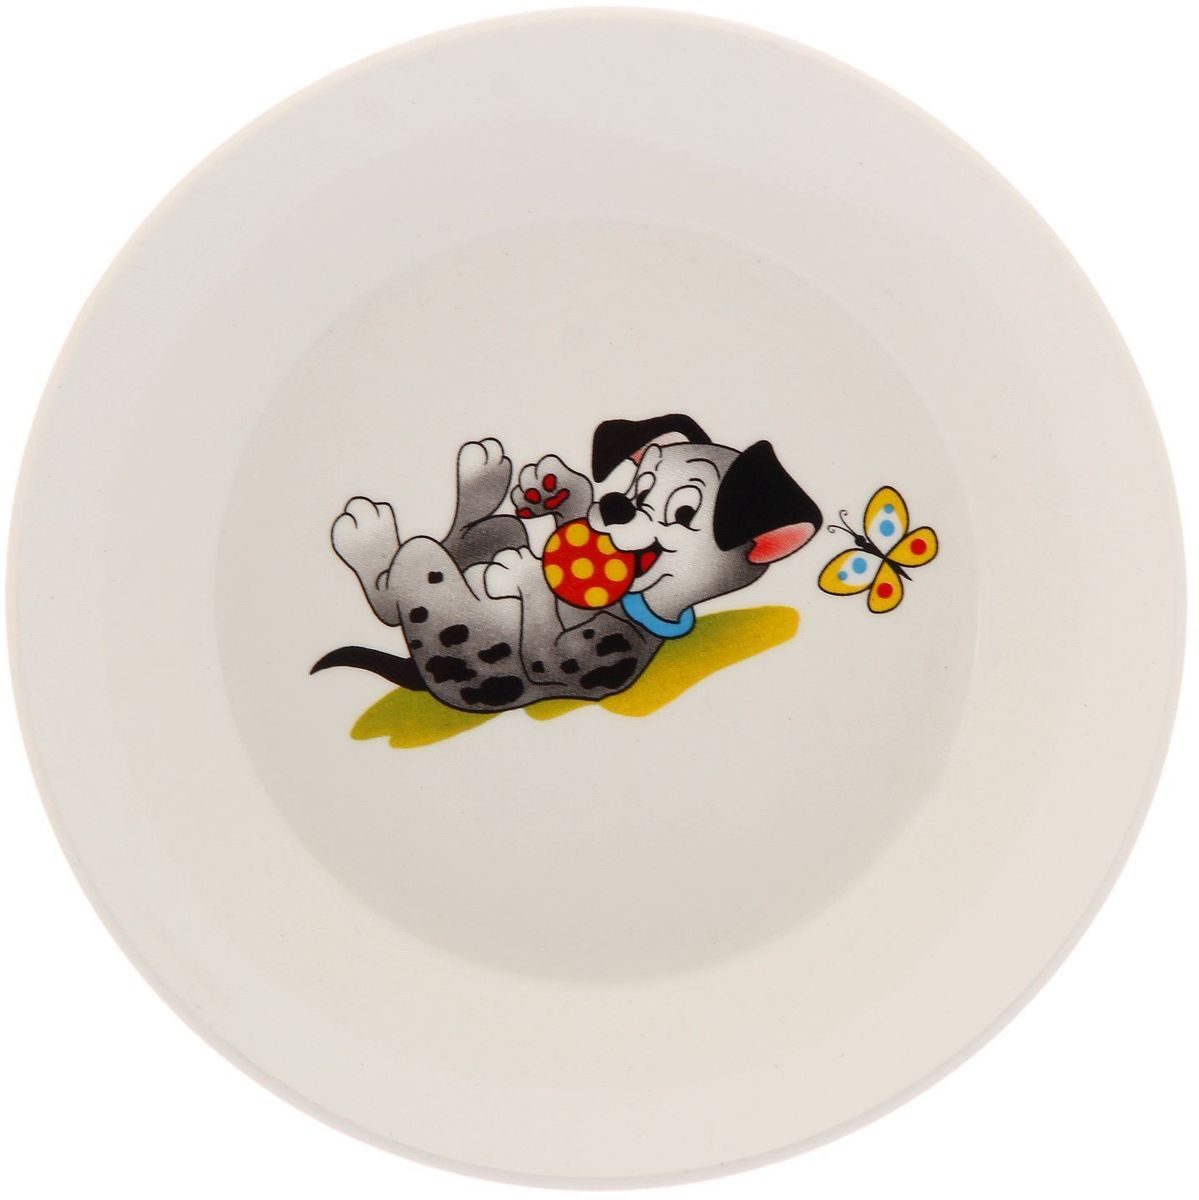 Кубаньфарфор Блюдце-тазик Озорные щенкиDMB180-1Фаянсовая детская посуда с забавным рисунком Озорные щенки понравится каждому малышу. Изделие из качественного материала станет правильным выбором для повседневной эксплуатации и поможет превратить каждый прием пищи в радостное приключение. Уважаемые клиенты! Обращаем ваше внимание на ассортимент товара. Поставка осуществляется в зависимости от наличия на складе.